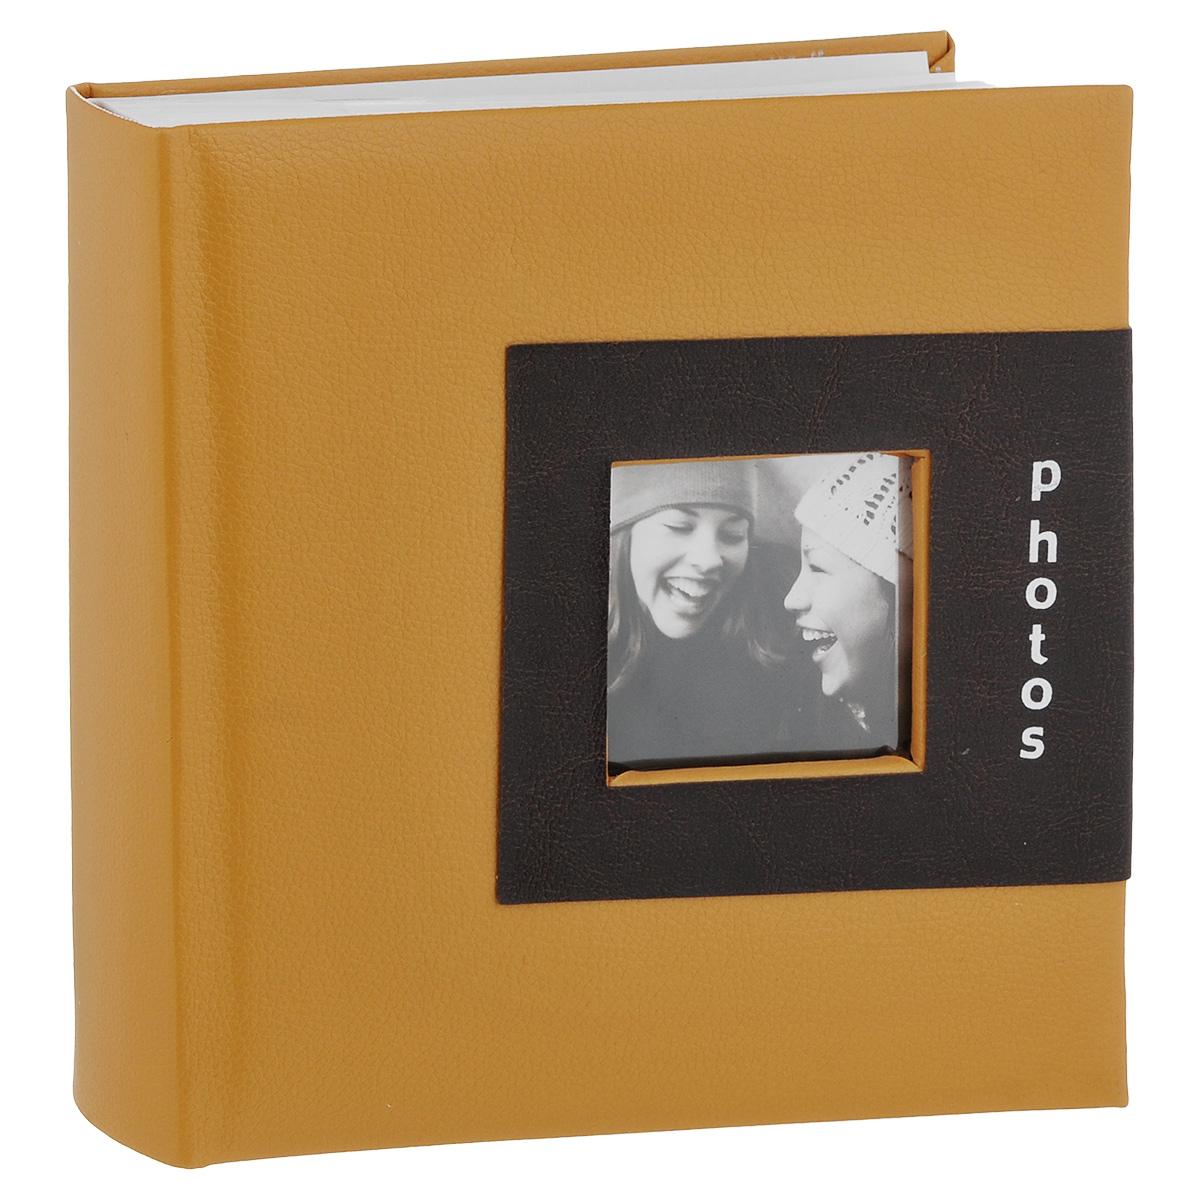 Фотоальбом Image Art, цвет: бежевый, 200 фотографий, 10 x 15 см C0039252C0039252Фотоальбом Image Art поможет красиво оформить ваши фотографии. Обложка выполнена из толстого картона с обивкой из искусственной кожи. Внутри содержится блок из 50 белых листов с фиксаторами-окошками из полипропилена. Альбом рассчитан на 200 фотографий формата 10 см х 15 см (по 2 фотографии на странице). Для фотографий предусмотрено поле для записей. Переплет - книжный. Нам всегда так приятно вспоминать о самых счастливых моментах жизни, запечатленных на фотографиях. Поэтому фотоальбом является универсальным подарком к любому празднику. Количество листов: 50.